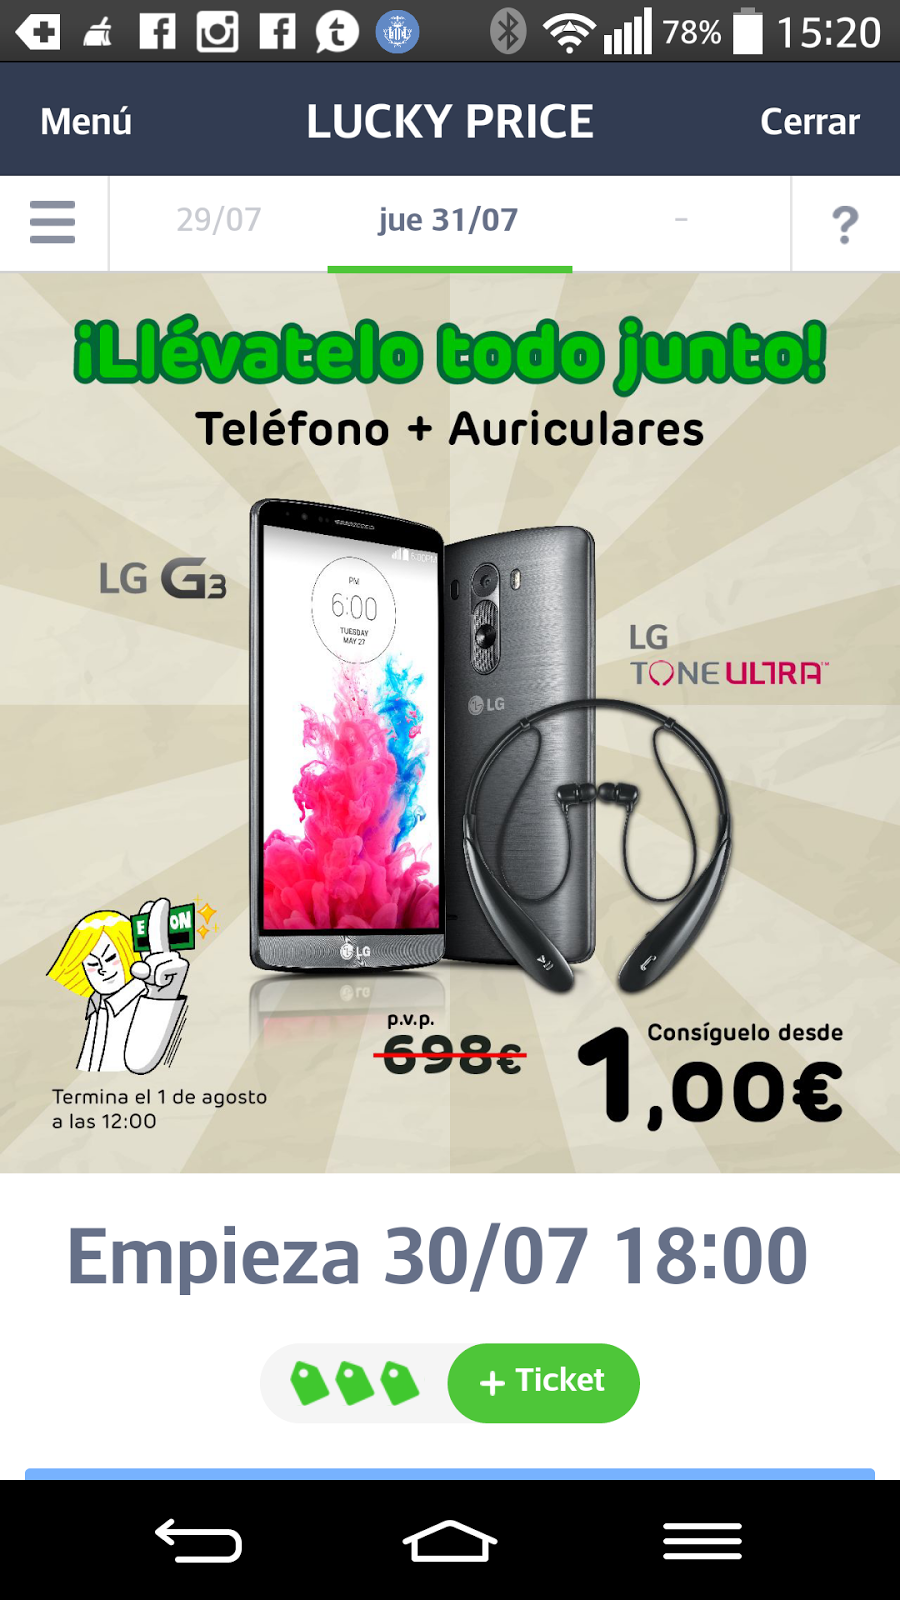 Gracias a Line podemos participar en una Subasta Inversa para conseguir un LG G3.